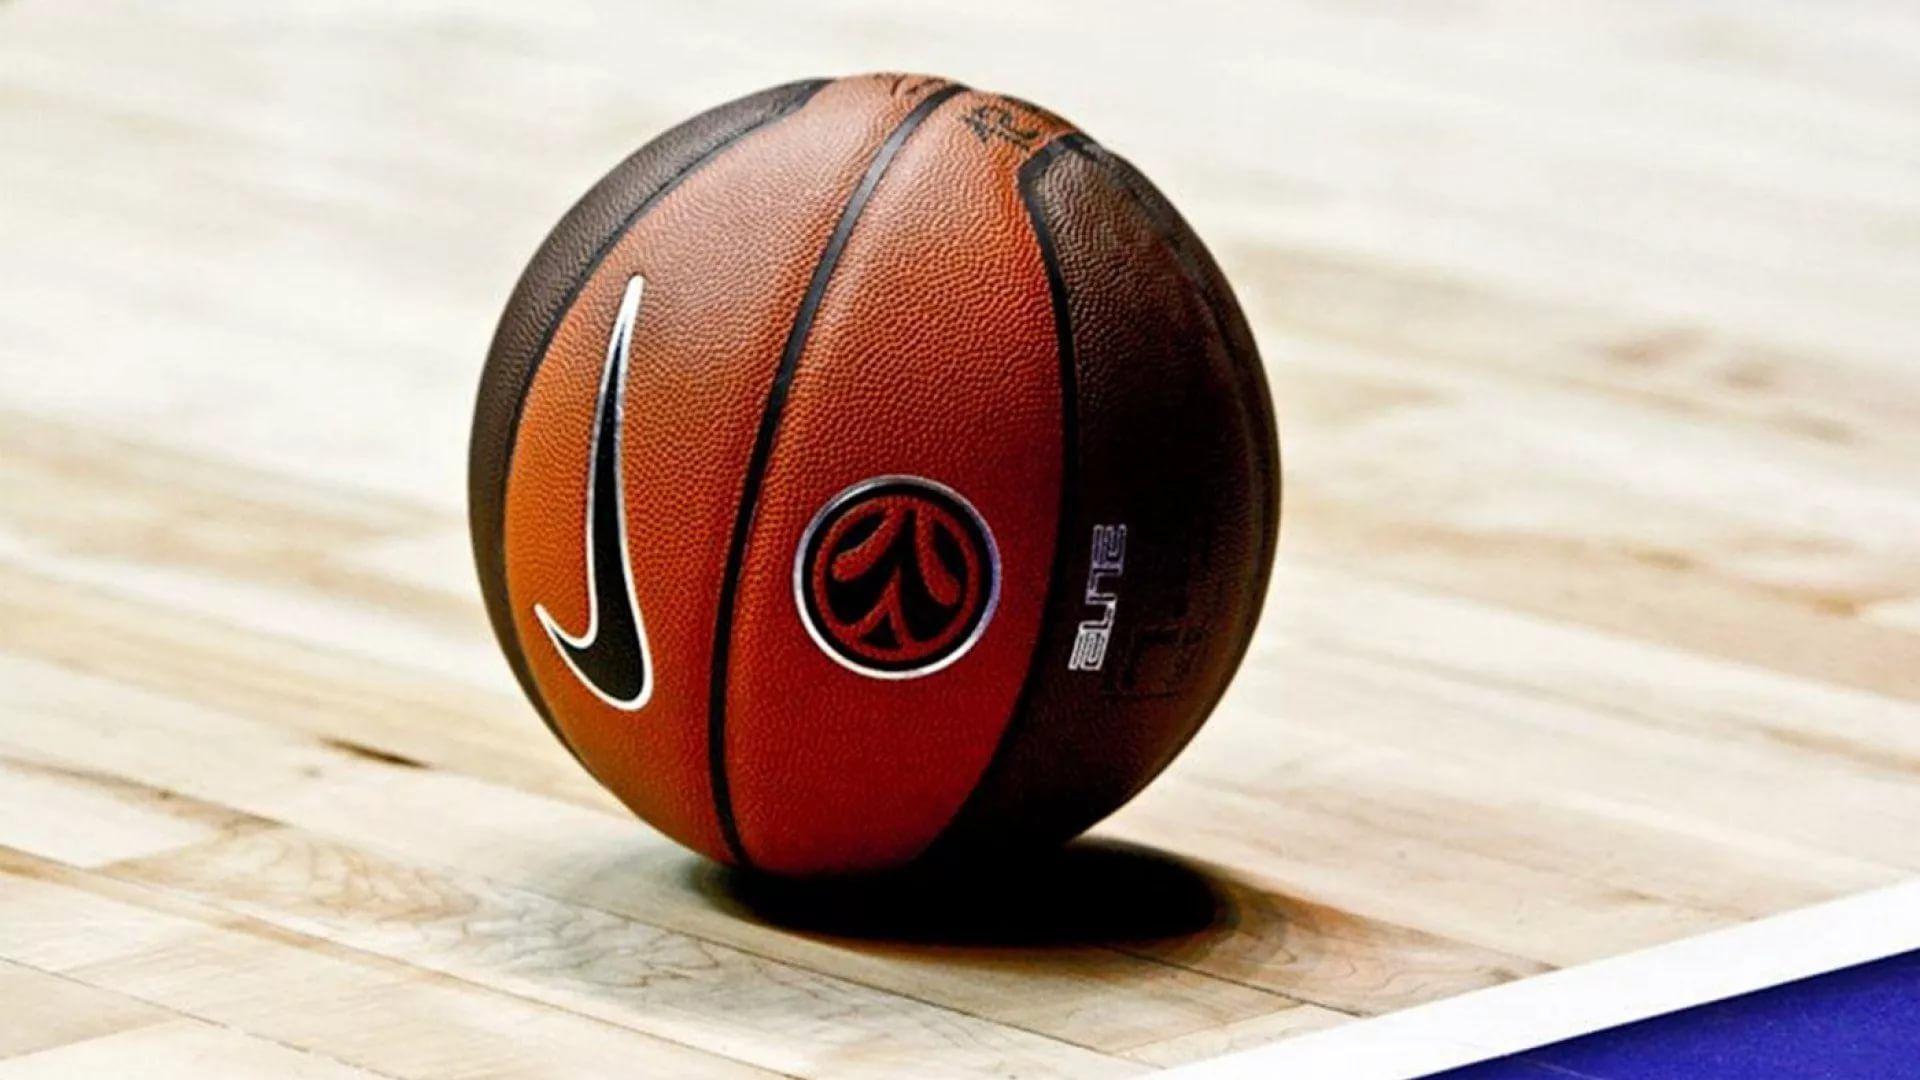 Nike Basketball Nice Wallpaper